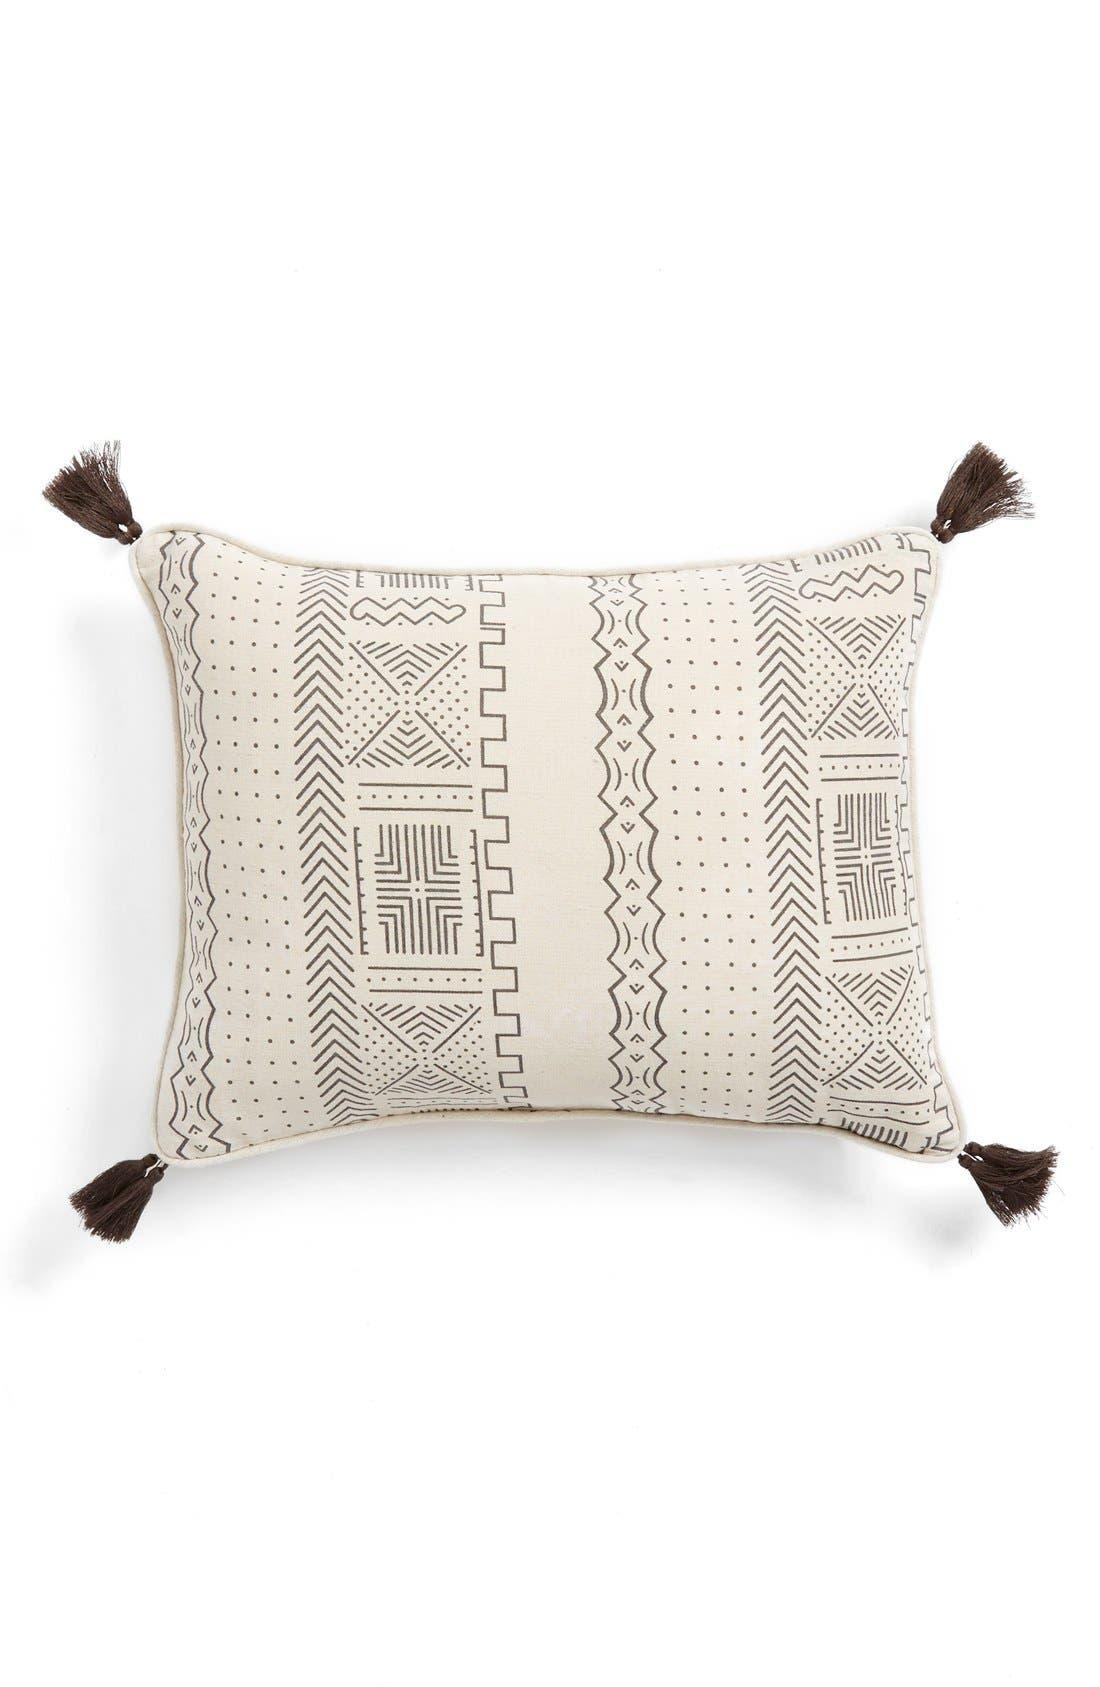 LEVTEX 'Taza' Tassel Trim Pillow